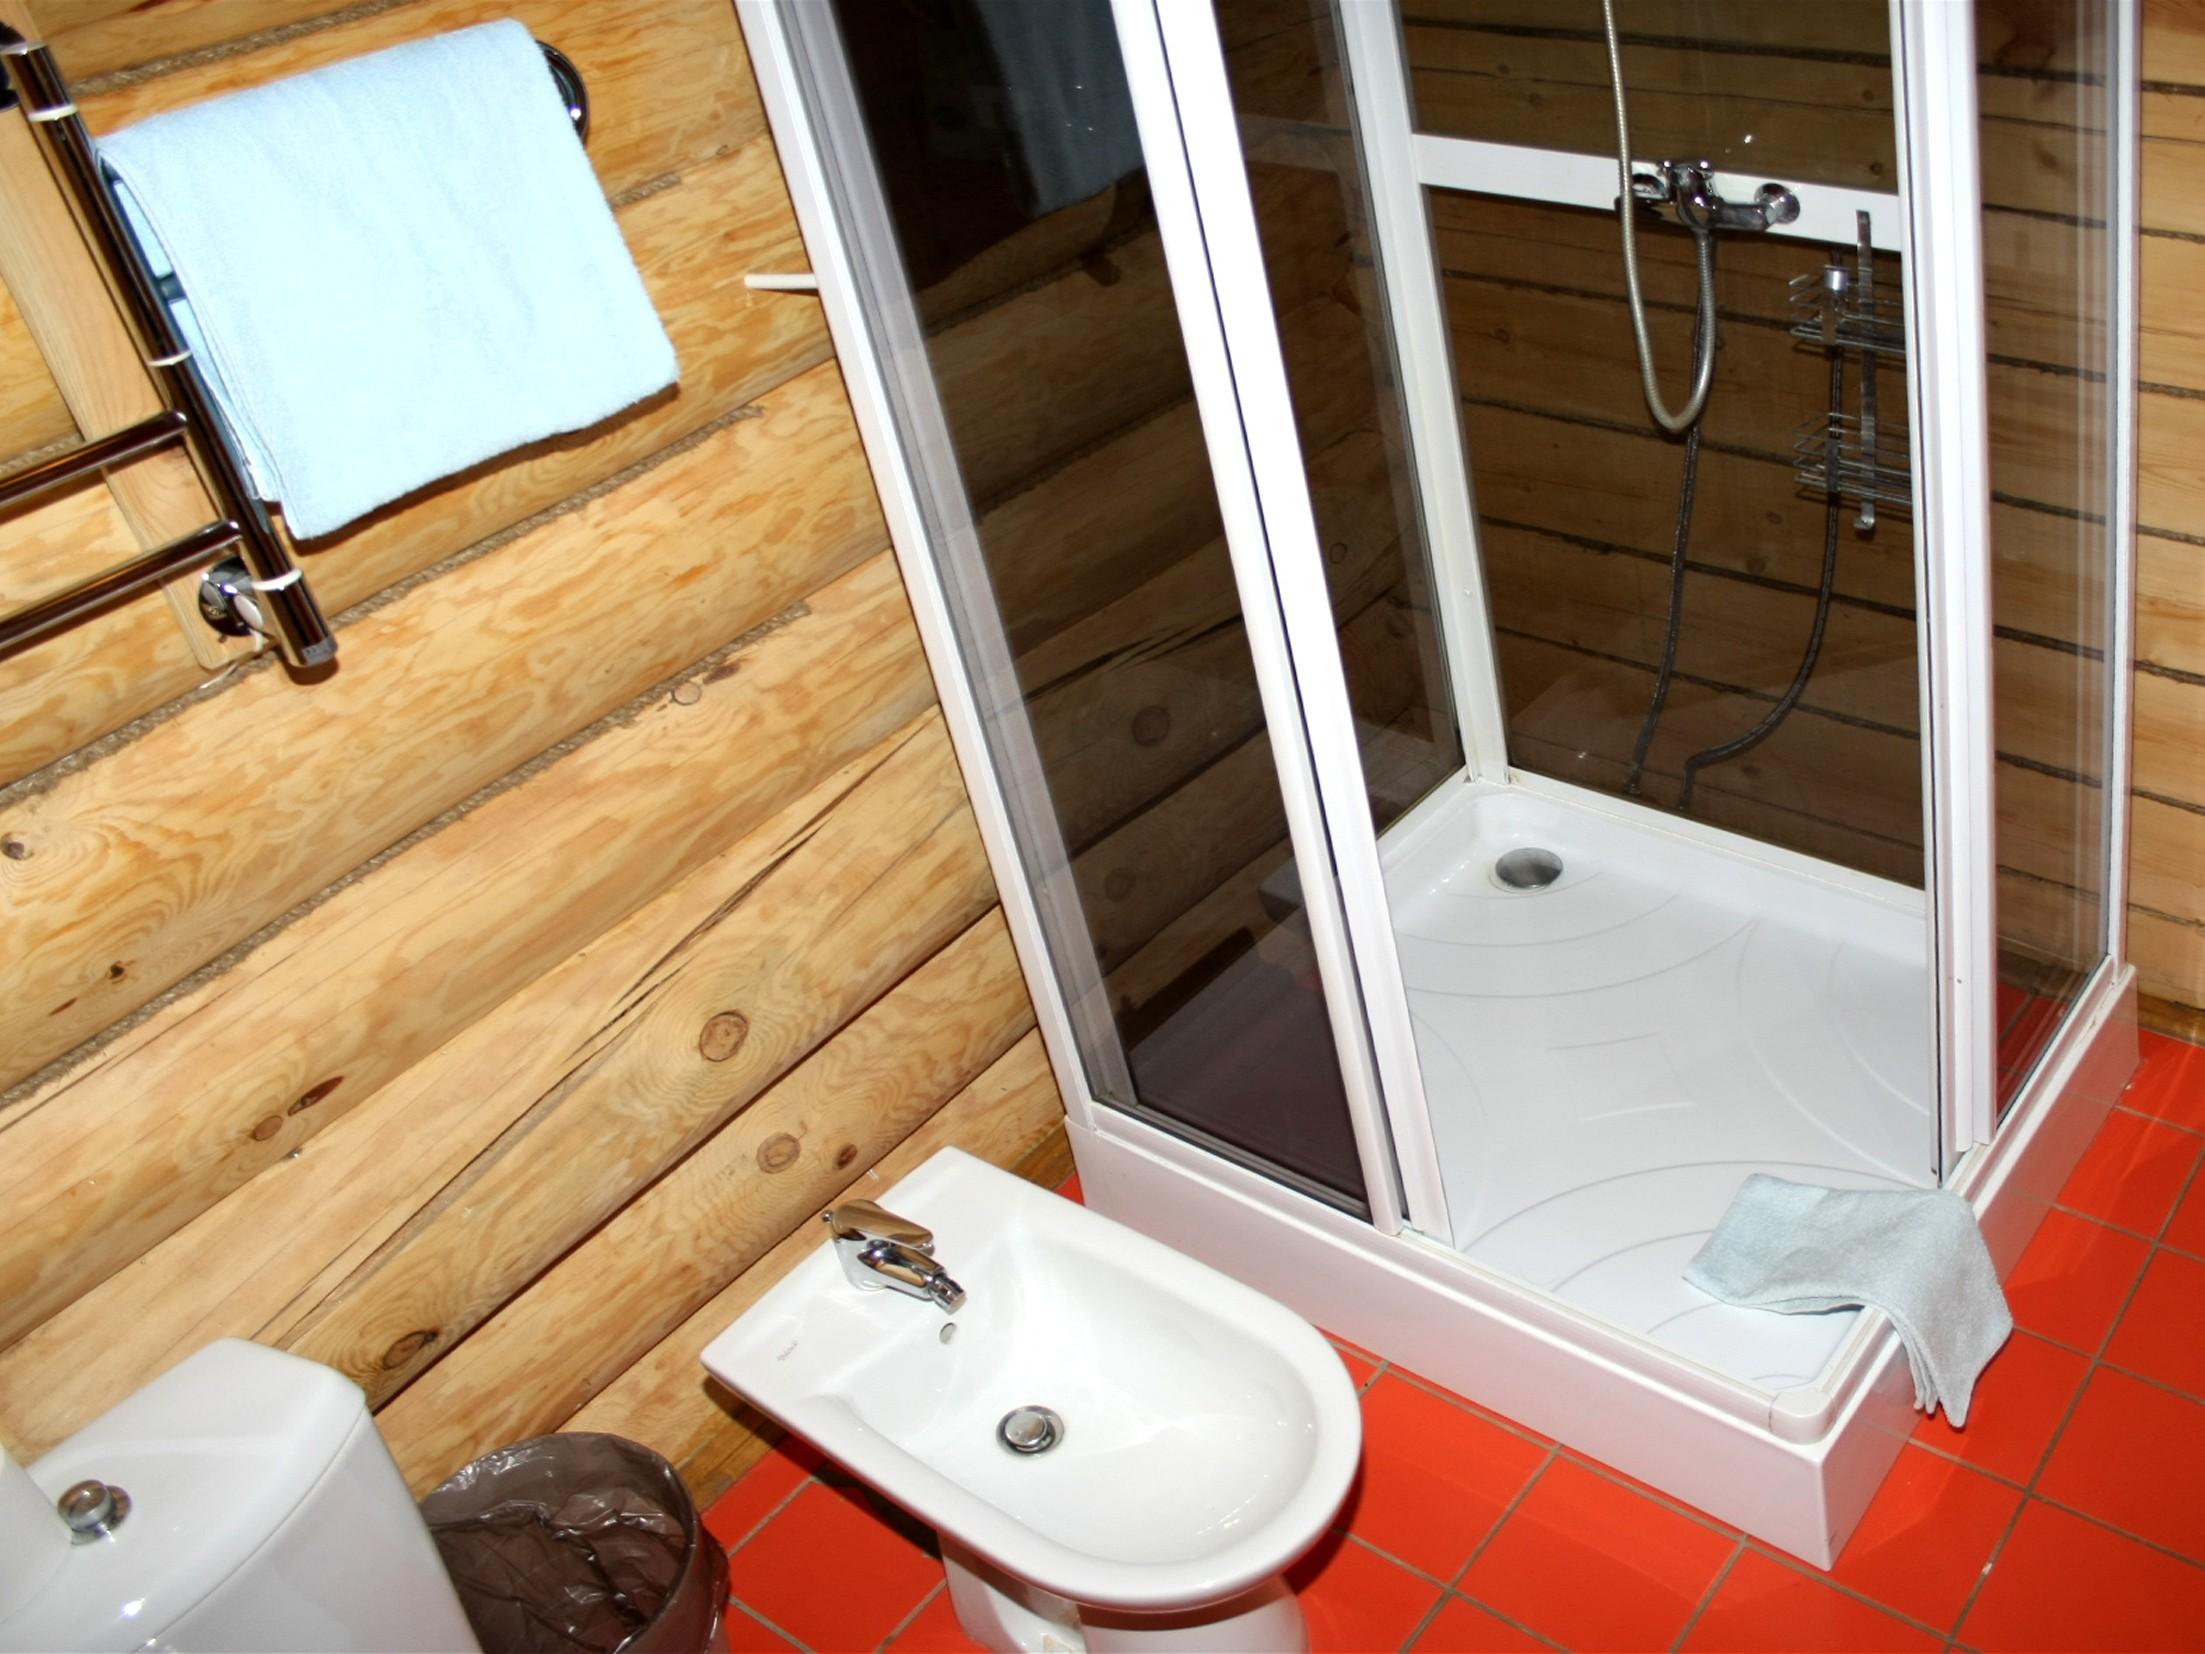 одноместный-номер-с-ванной-отдых-на-селигере-отель-вершина-селигера.jpg